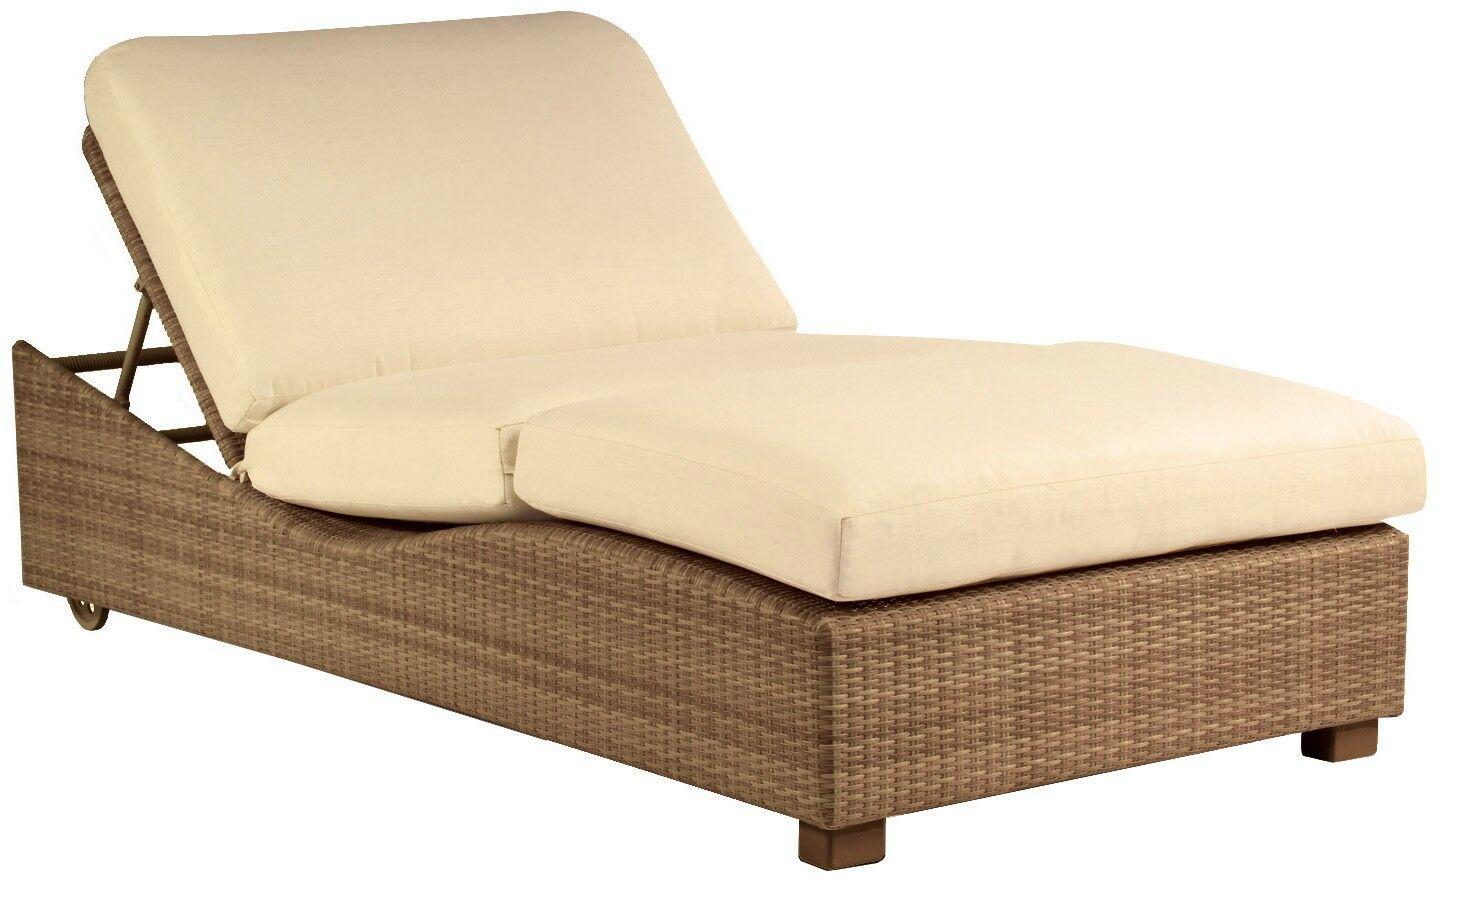 Montecito Double Chaise Lounge Body Fabric: Mojito Wintergreen